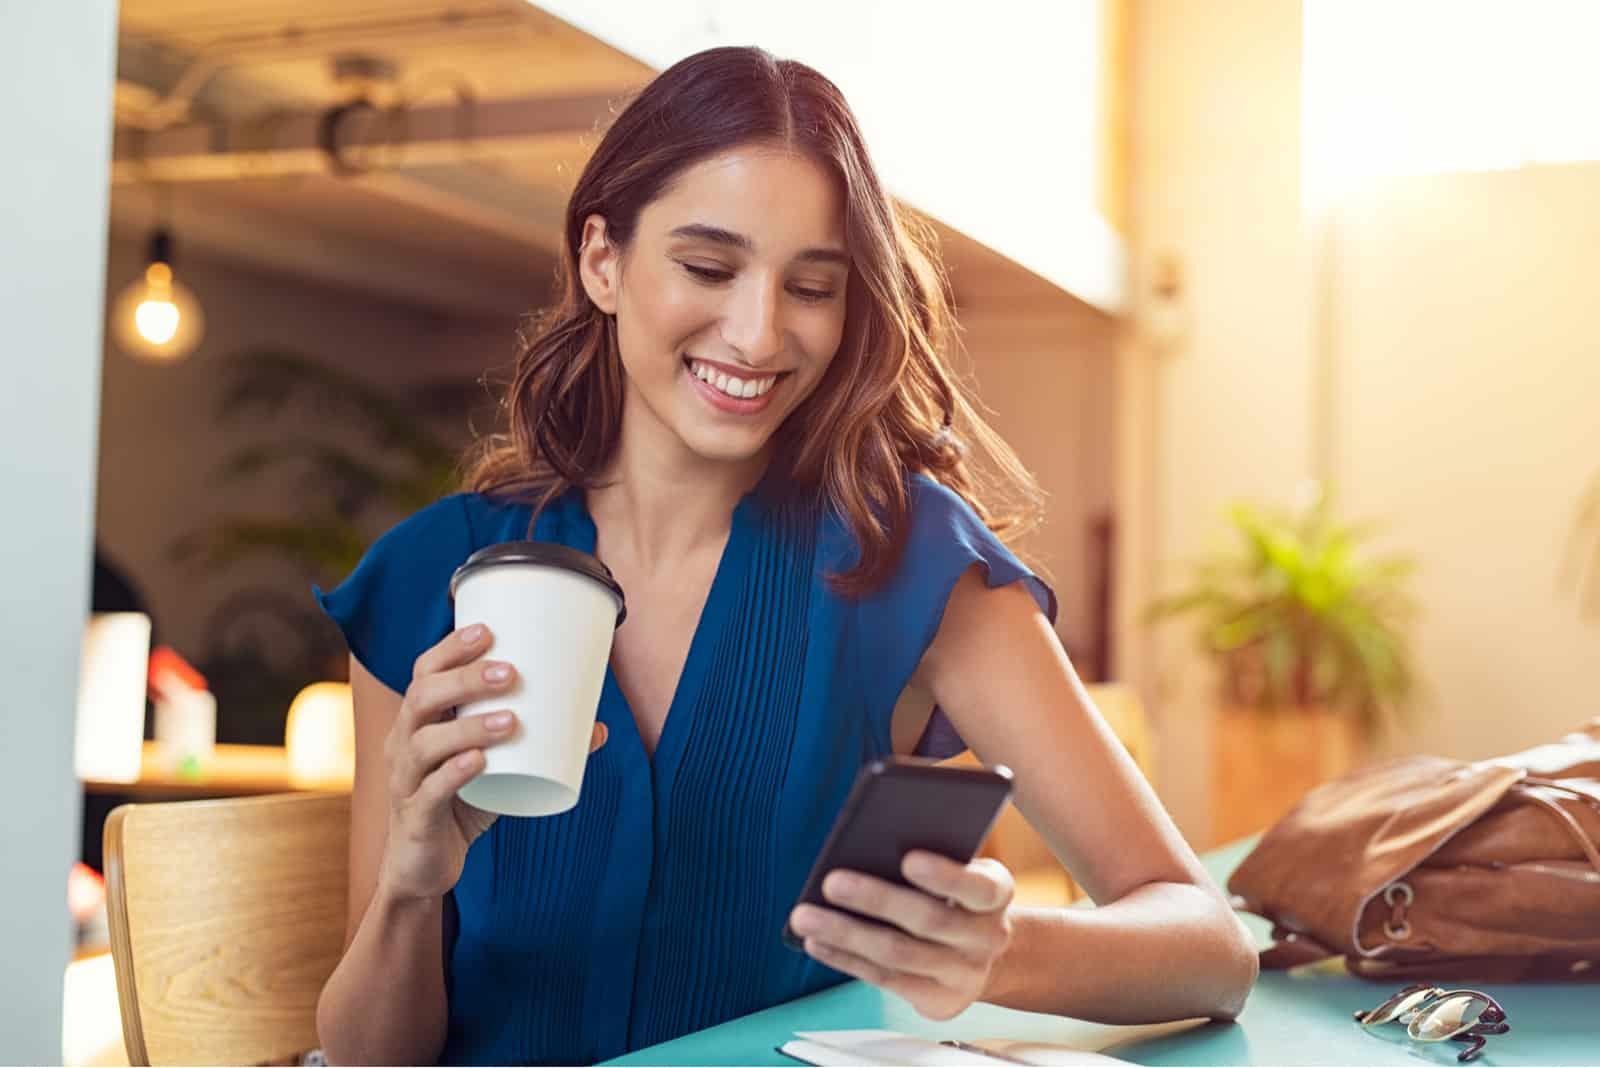 une femme souriante assise à une table buvant du café et appuyant sur un téléphone